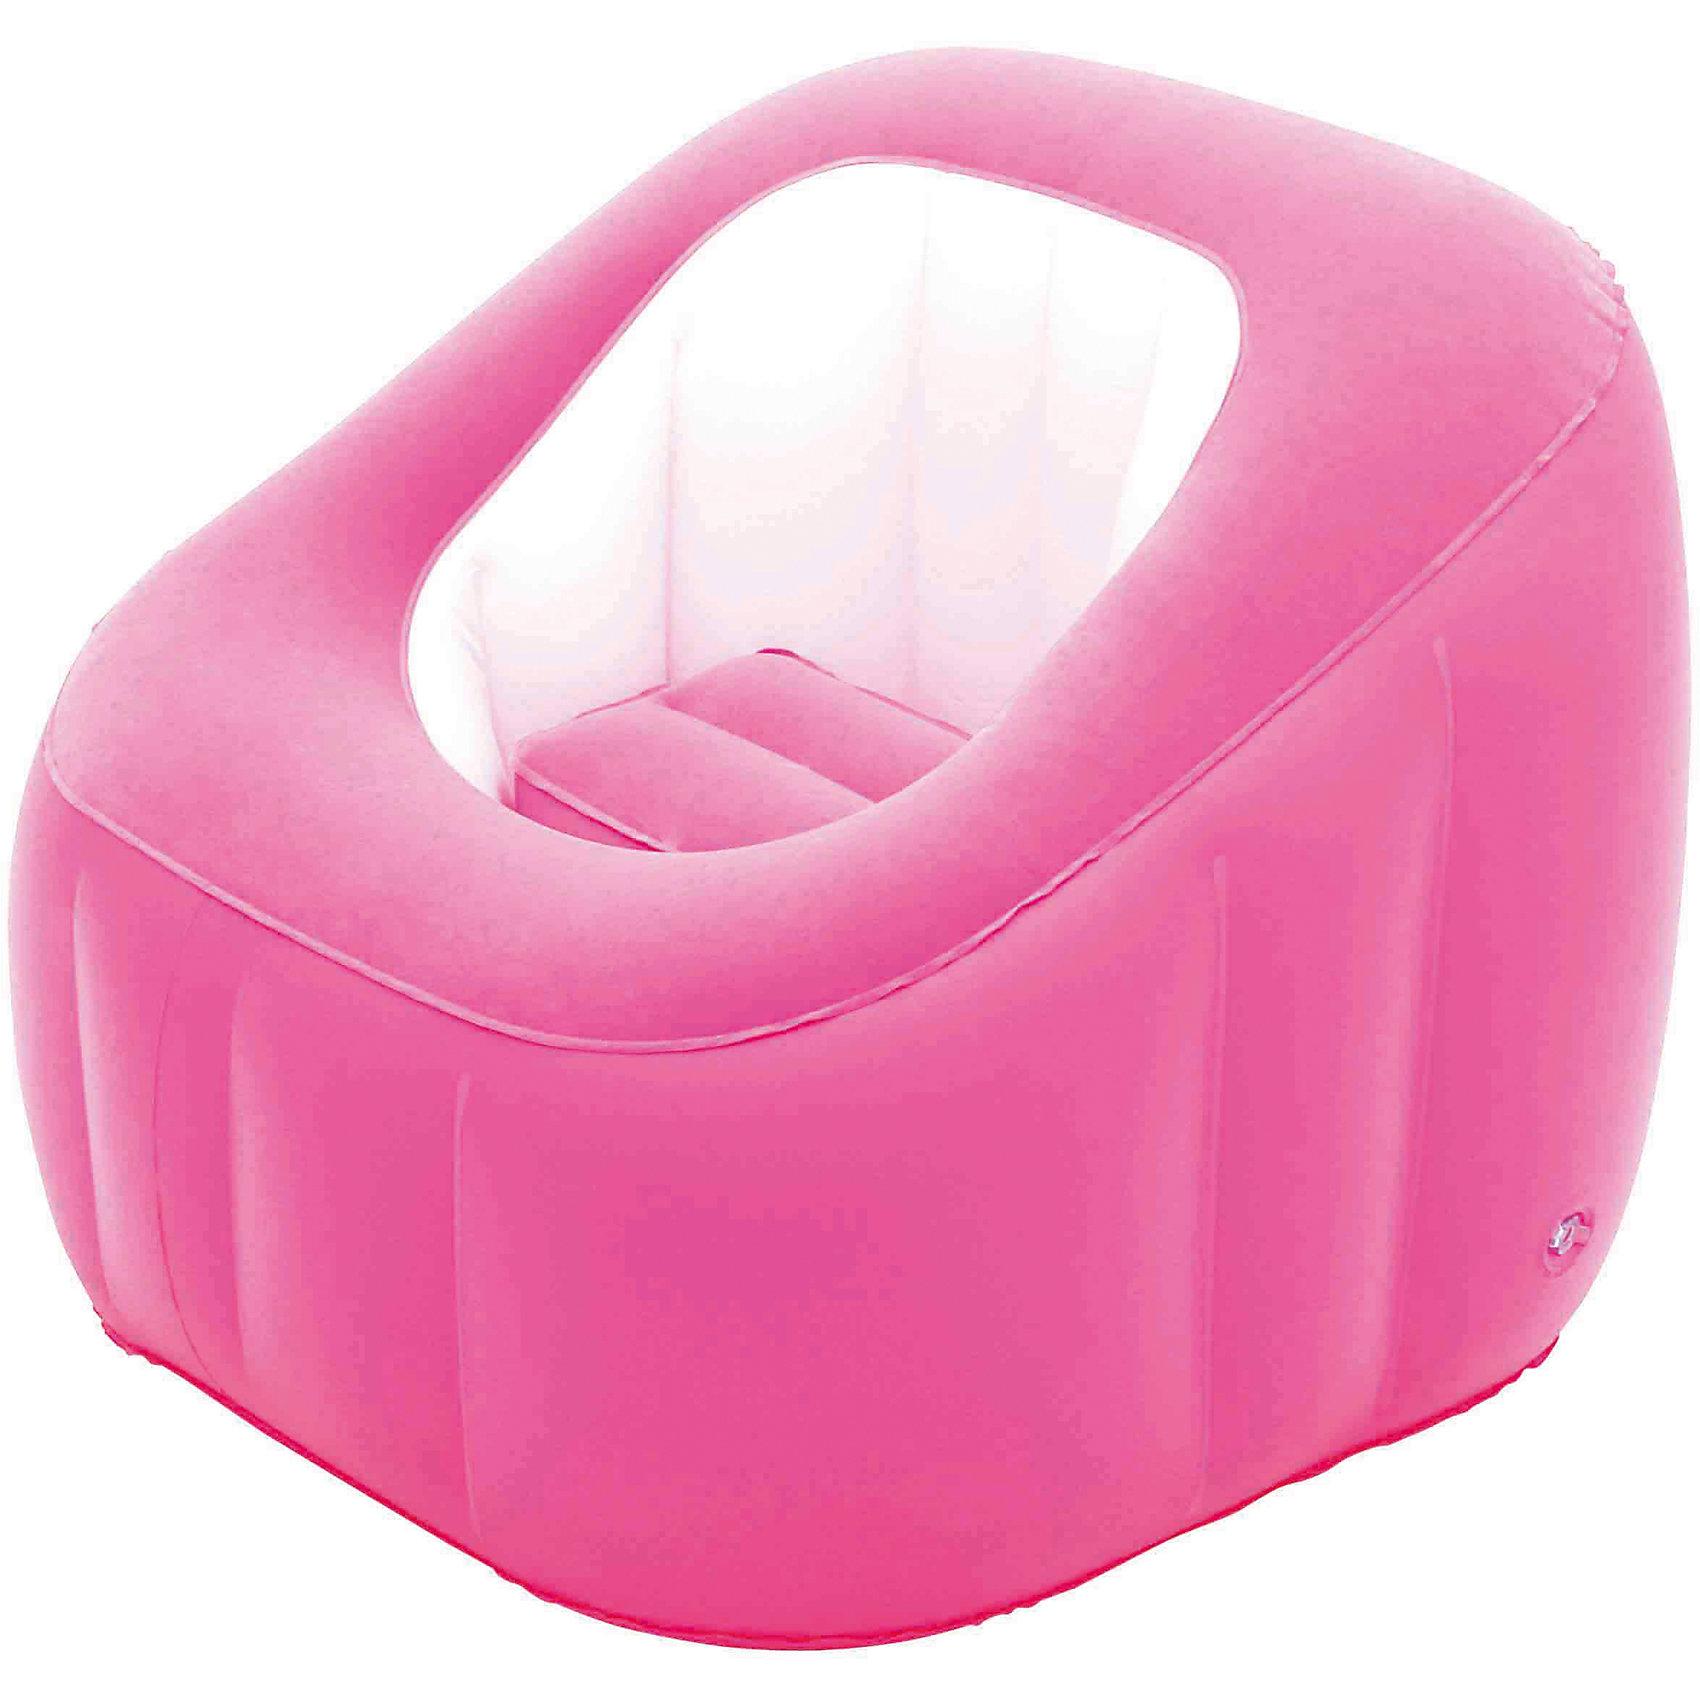 Кресло надувное, 74х74х64 см, розовое, BestwayМягкая игровая мебель<br>Кресло надувное, 74х74х64 см, розовое, Bestway (Бествей)<br><br>Характеристики:<br><br>• непромокаемый низ<br>• мягкая поверхность<br>• прочные материалы<br>• размер: 74х74х64 см<br>• заплатка в комплекте<br>• материал: ПВХ<br>• цвет: розовый<br>• размер упаковки: 29,5х30х7 см<br>• вес: 1,6 кг<br><br>Надувное кресло Bestway прекрасно впишется в интерьер комнаты и подойдет для отдыха на природе. Мягкая поверхность позволит вам расположиться с комфортом в любой обстановке. Непромокаемый низ пригодится для отдыха на свежем воздухе. Размер кресла - 74х64 сантиметра.<br><br>Кресло надувное, 74х74х64 см, розовое, Bestway (Бествей) можно купить в нашем интернет-магазине.<br><br>Ширина мм: 450<br>Глубина мм: 305<br>Высота мм: 310<br>Вес г: 1606<br>Возраст от месяцев: 72<br>Возраст до месяцев: 2147483647<br>Пол: Женский<br>Возраст: Детский<br>SKU: 5486955